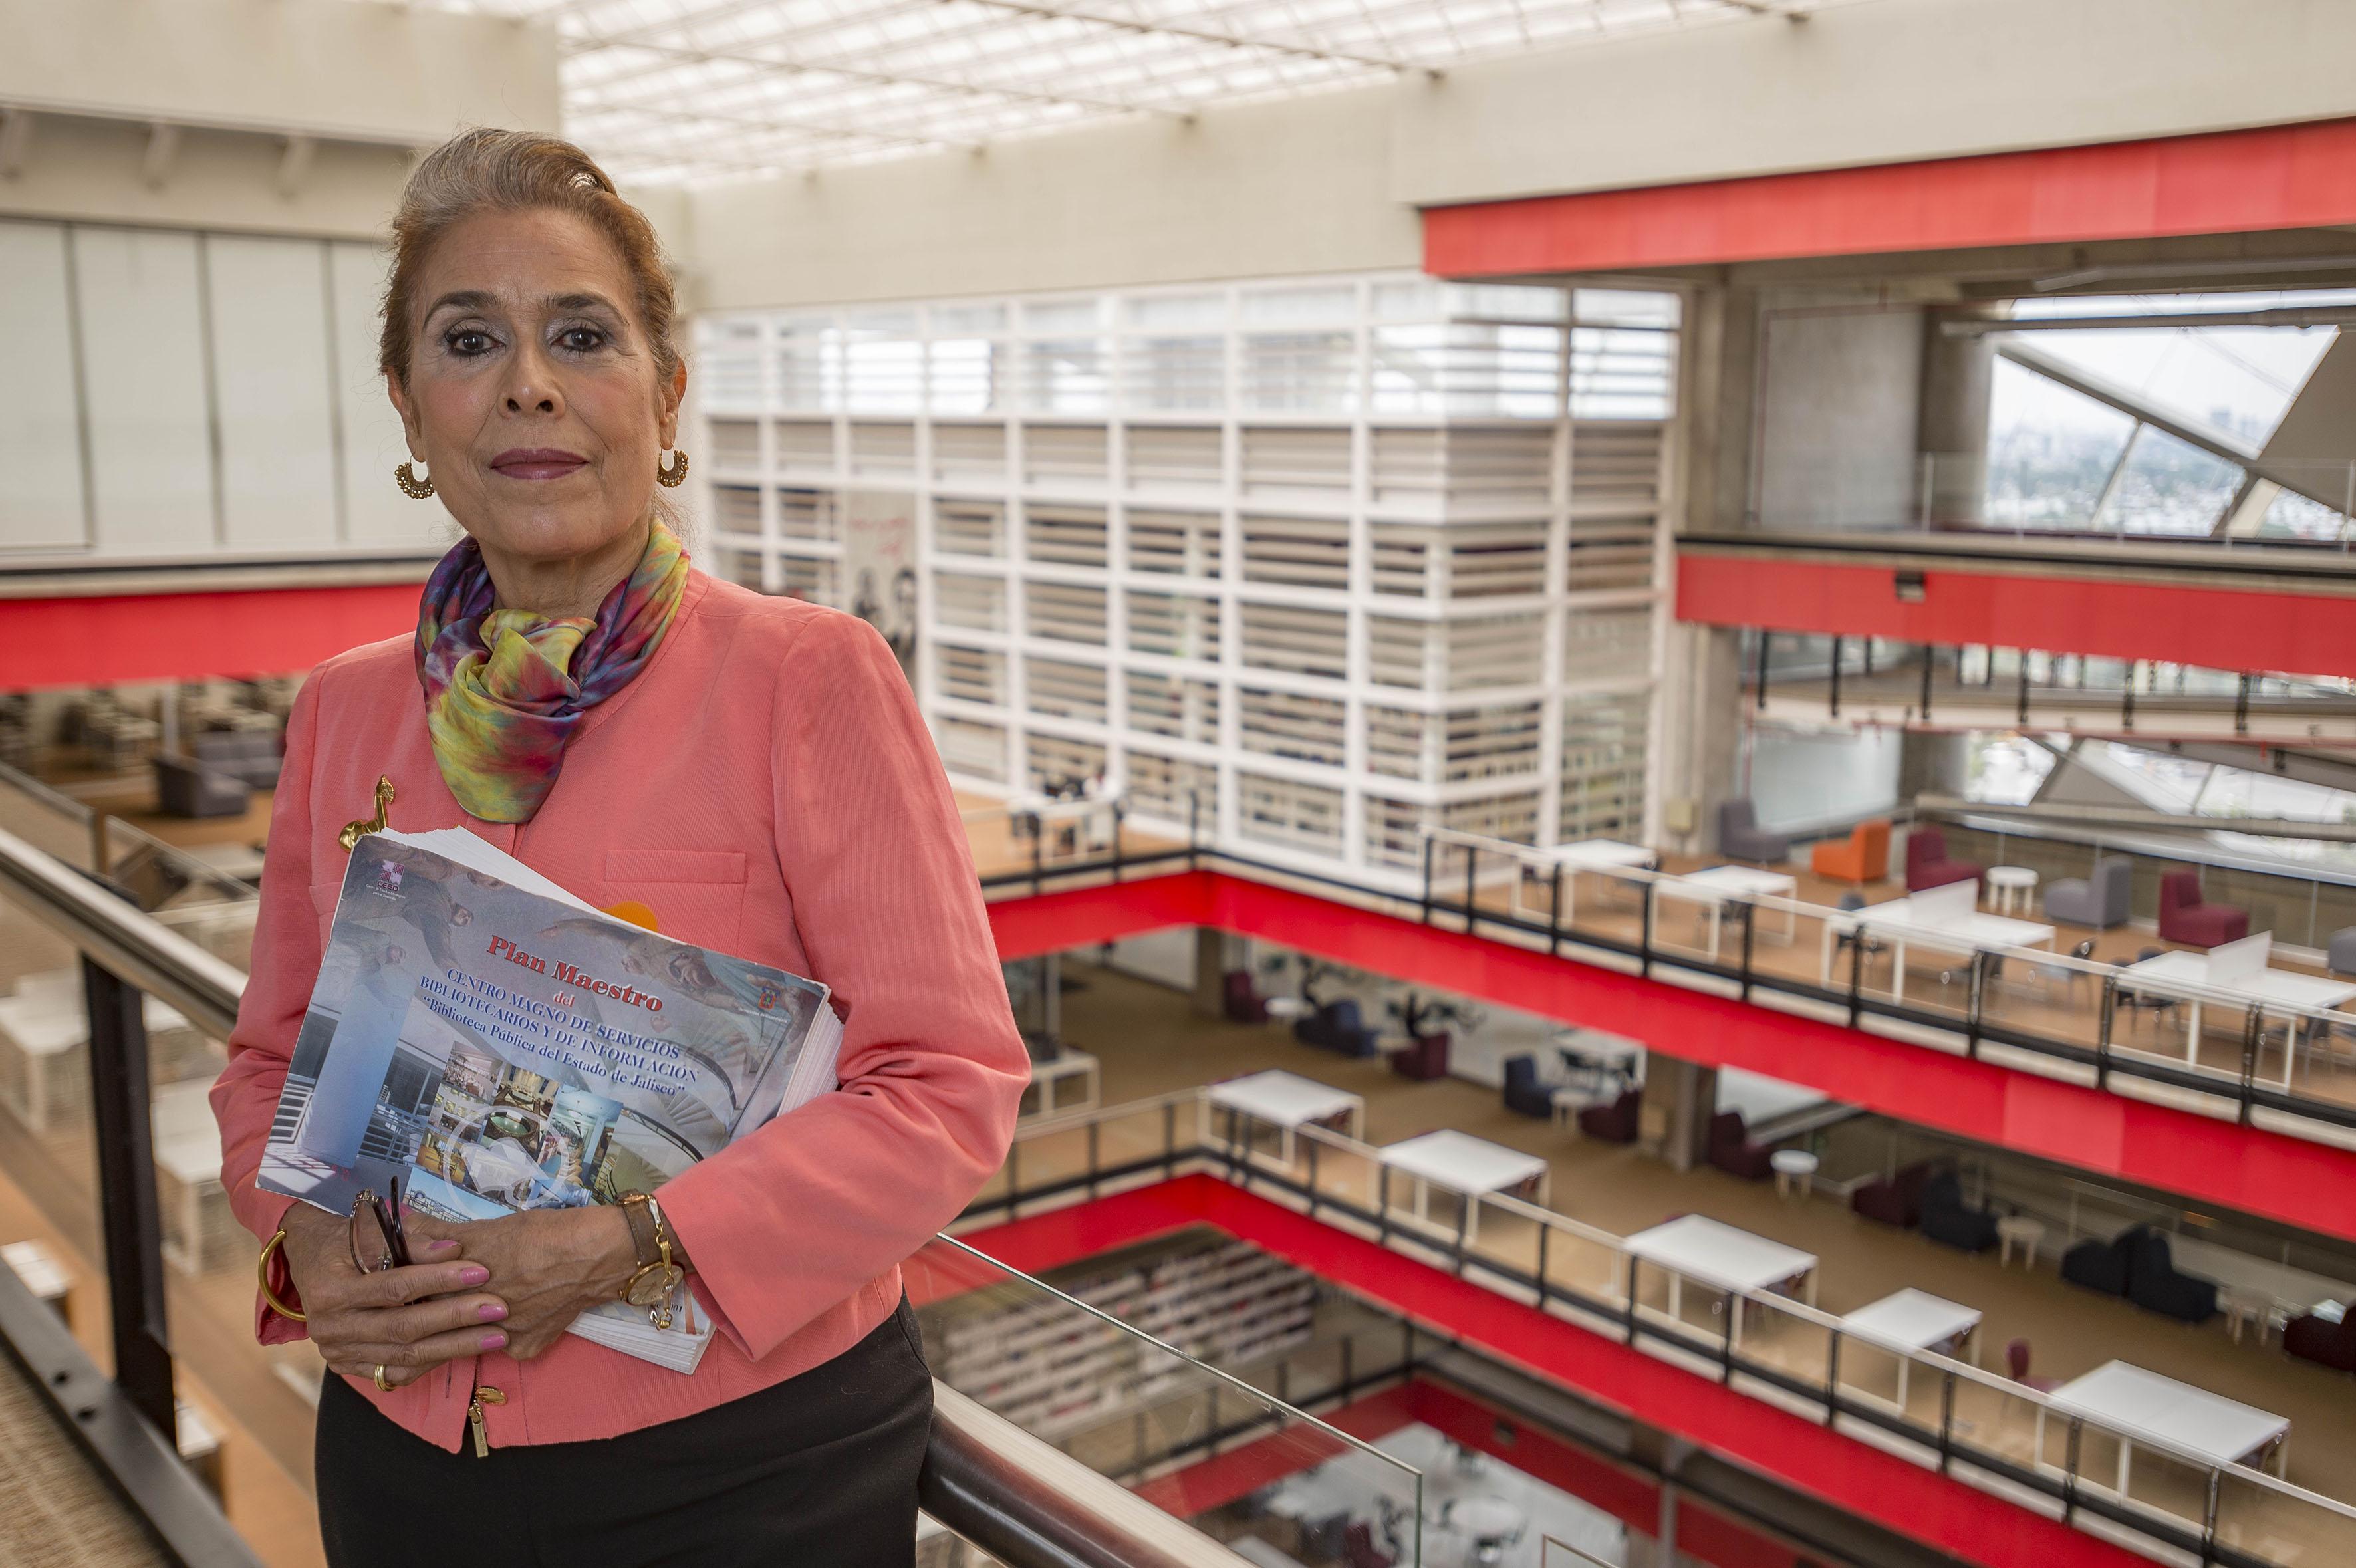 Asesora honoraria de planeación de bibliotecas del Centro Cultural Universitario (CCU), de la Universidad de Guadalajara (UdeG), maestra Helen Ladrón de Guevara Cox, fue nombrada Consejera de la Sección de Adquisiciones y Desarrollo de Colecciones, de la Federación Internacional de Asociaciones Bibliotecarias (IFLA), con sede en La Haya, Países Bajos.